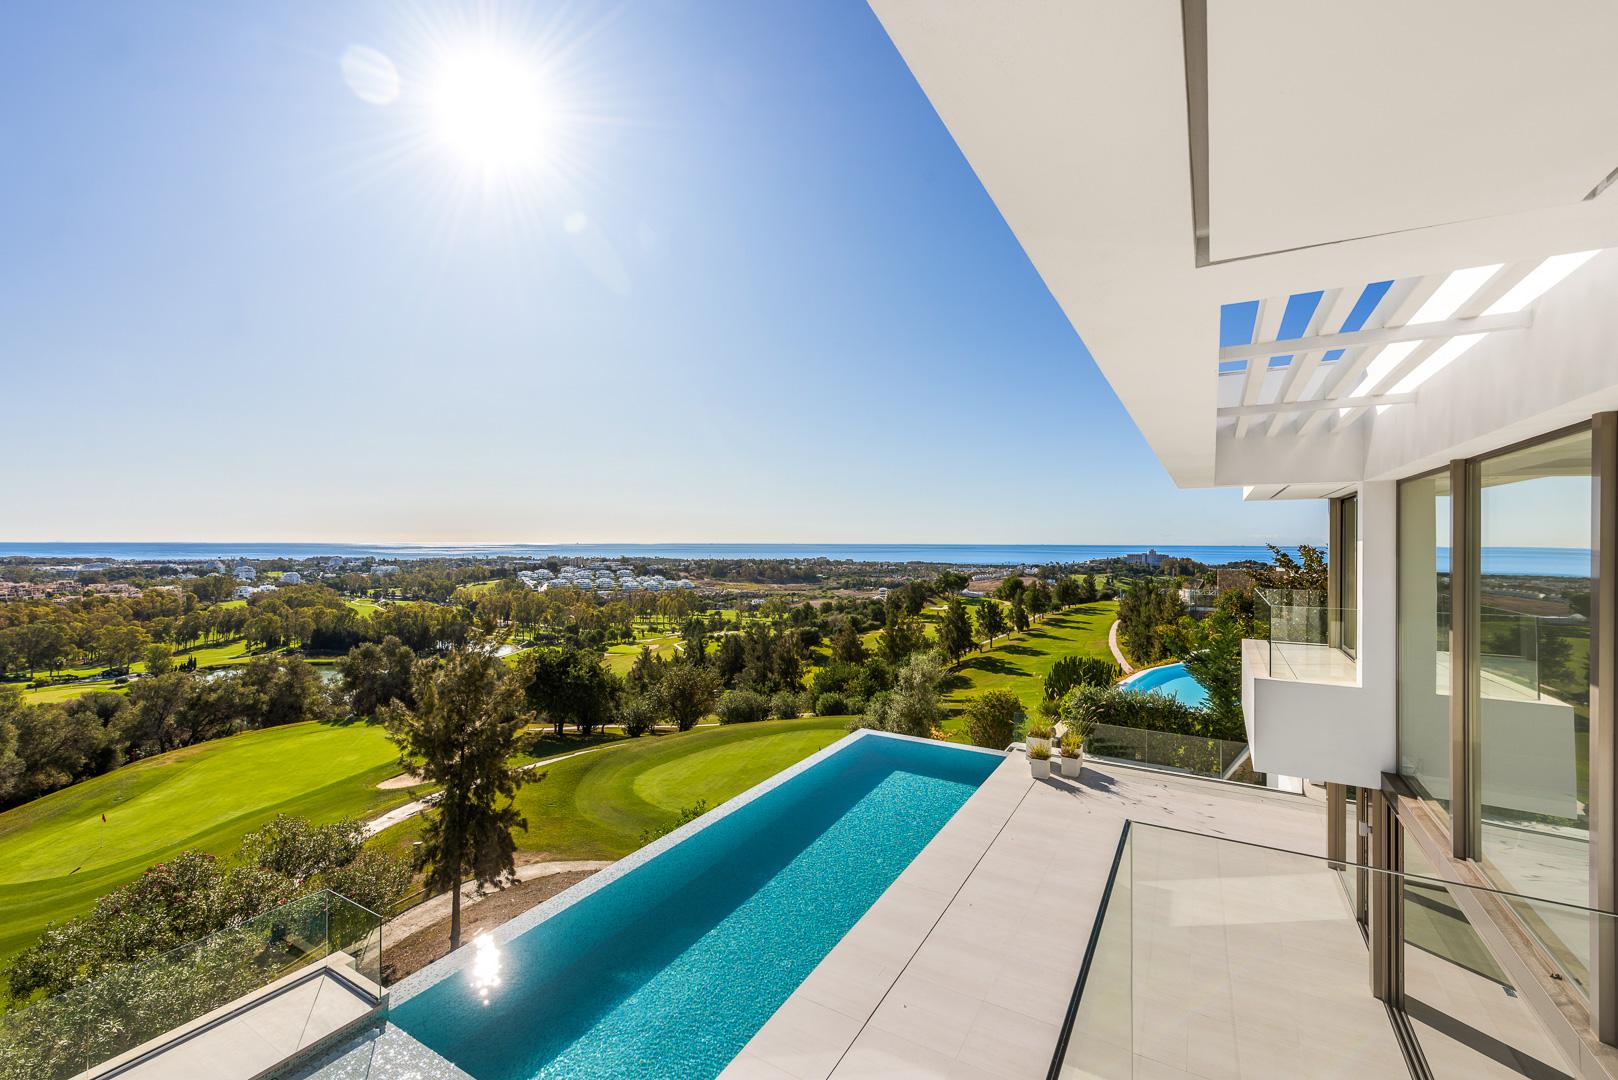 Swedish buyers eye Marbella luxury real estate as skies reopen